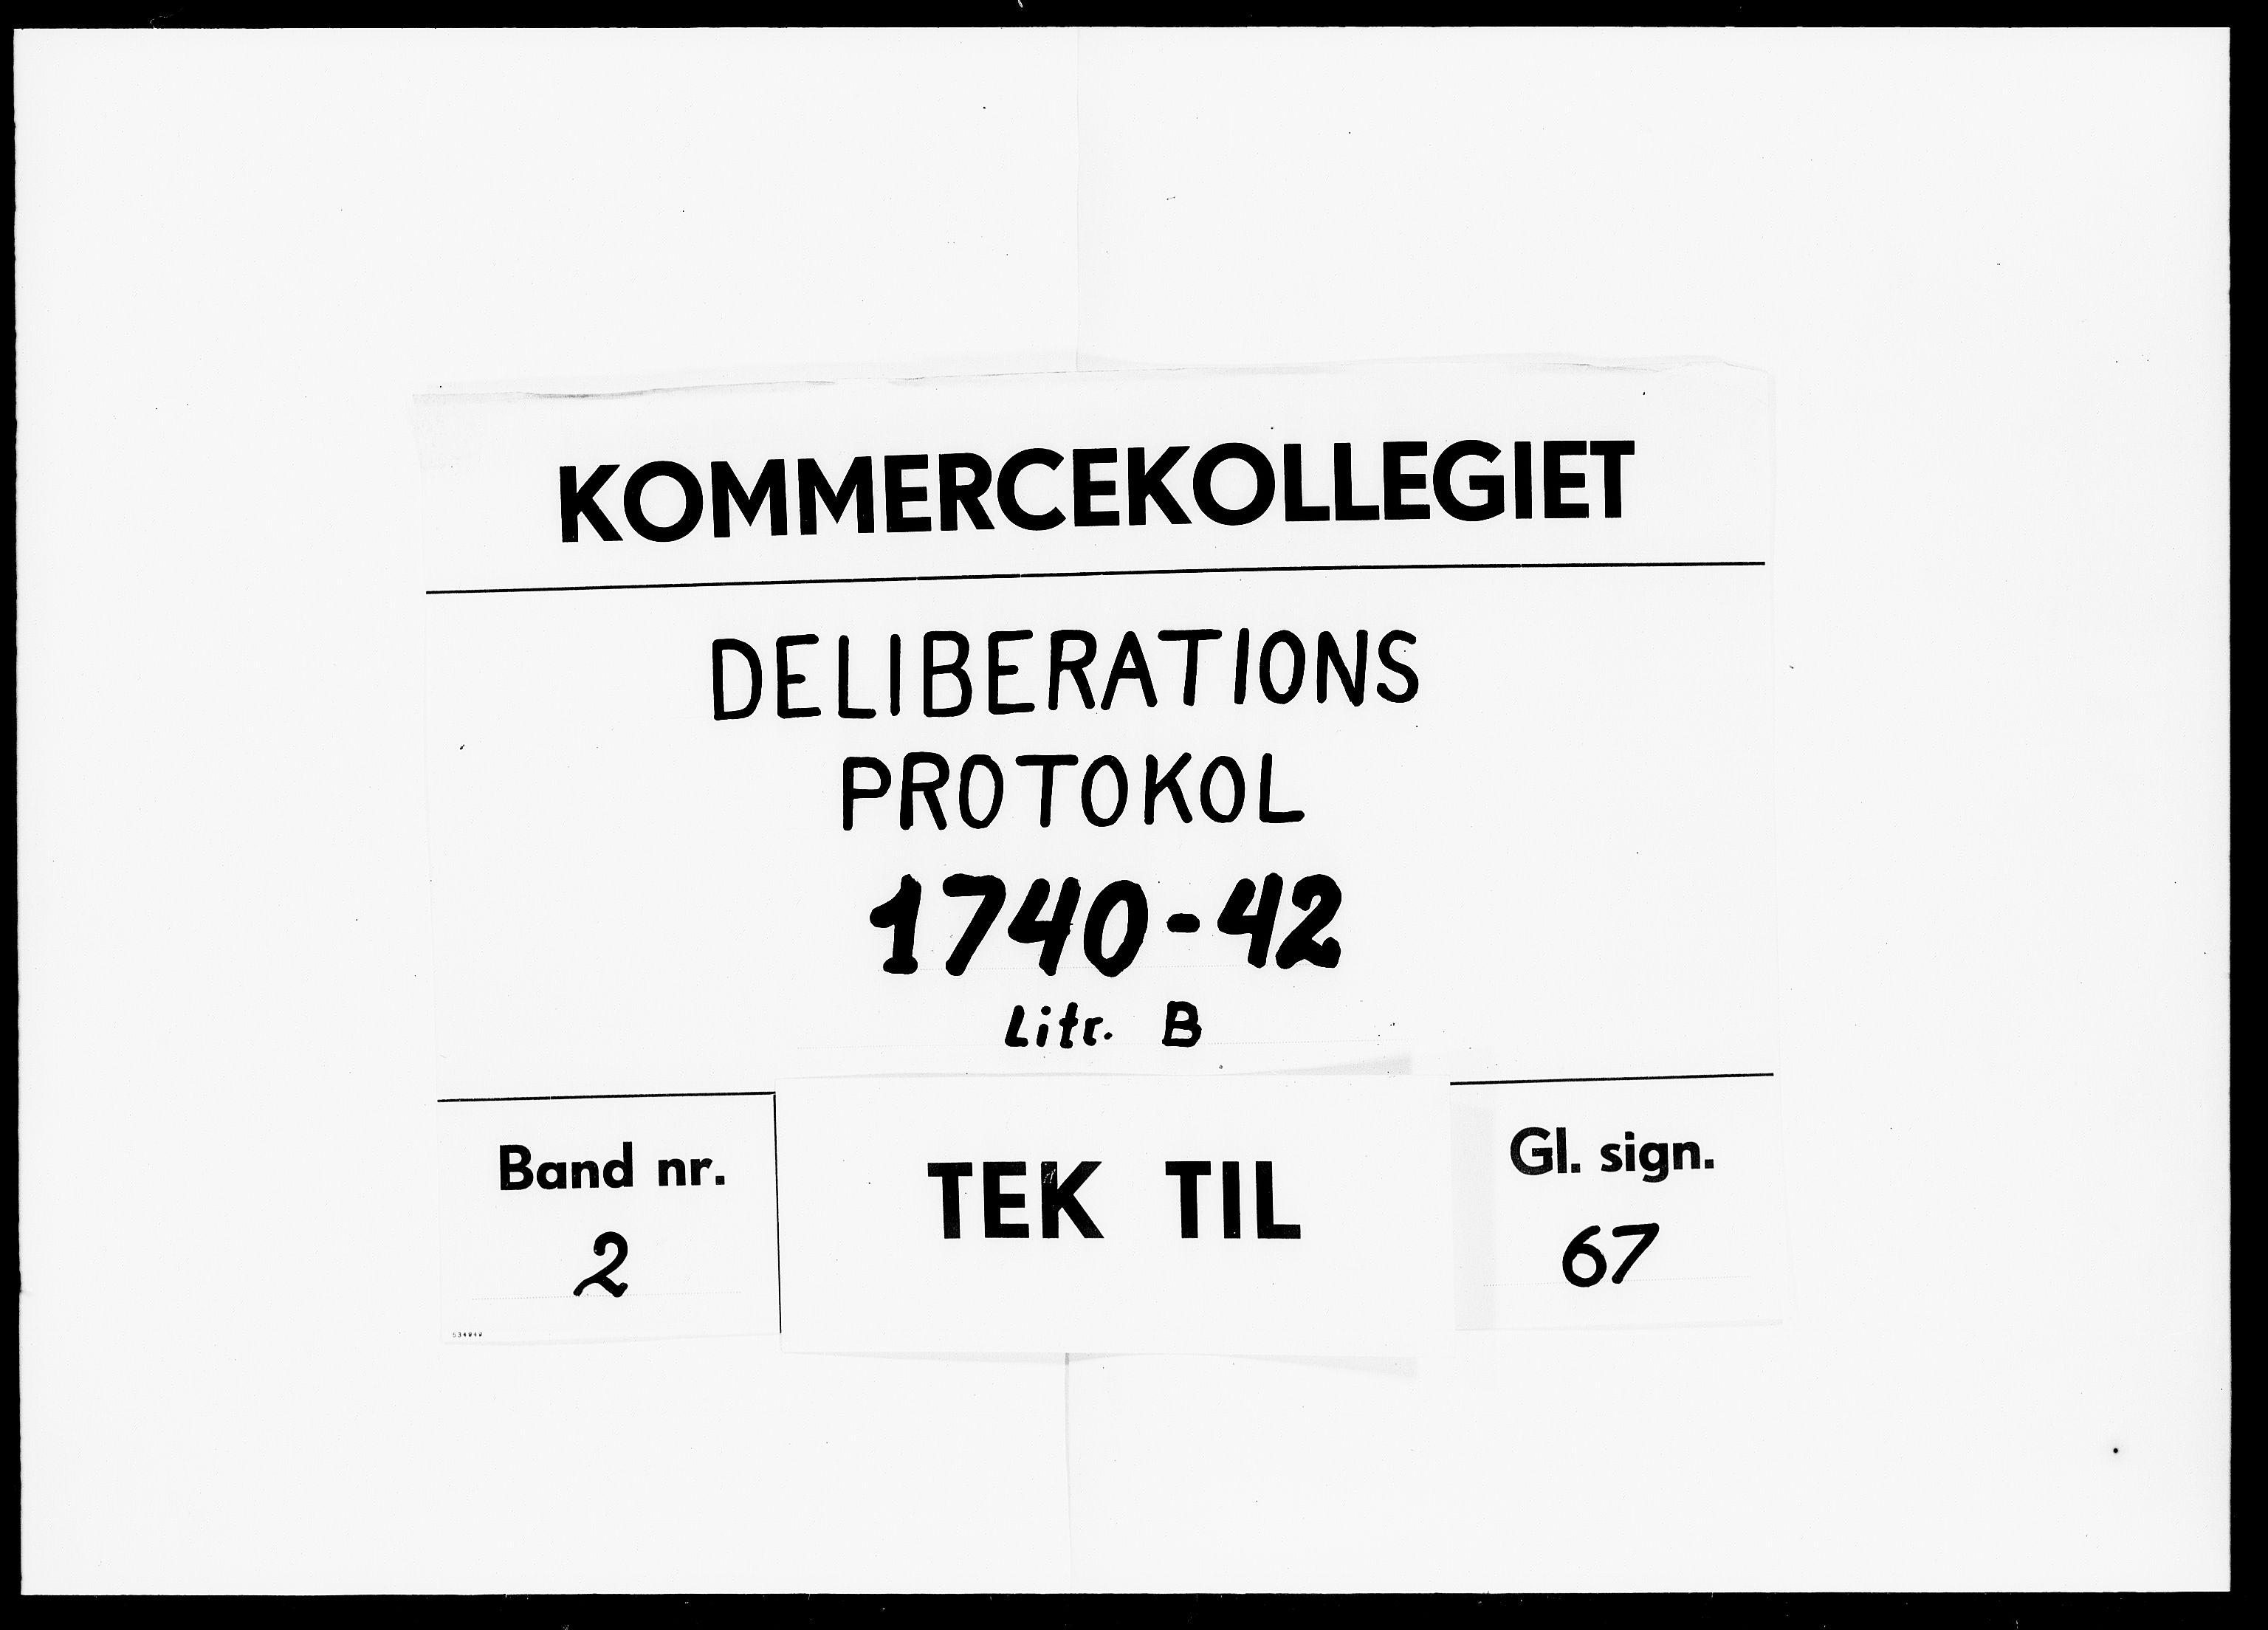 DRA, Kommercekollegiet, Dansk-Norske Sekretariat, -/35: Deliberationsprotokol B, 1740-1742